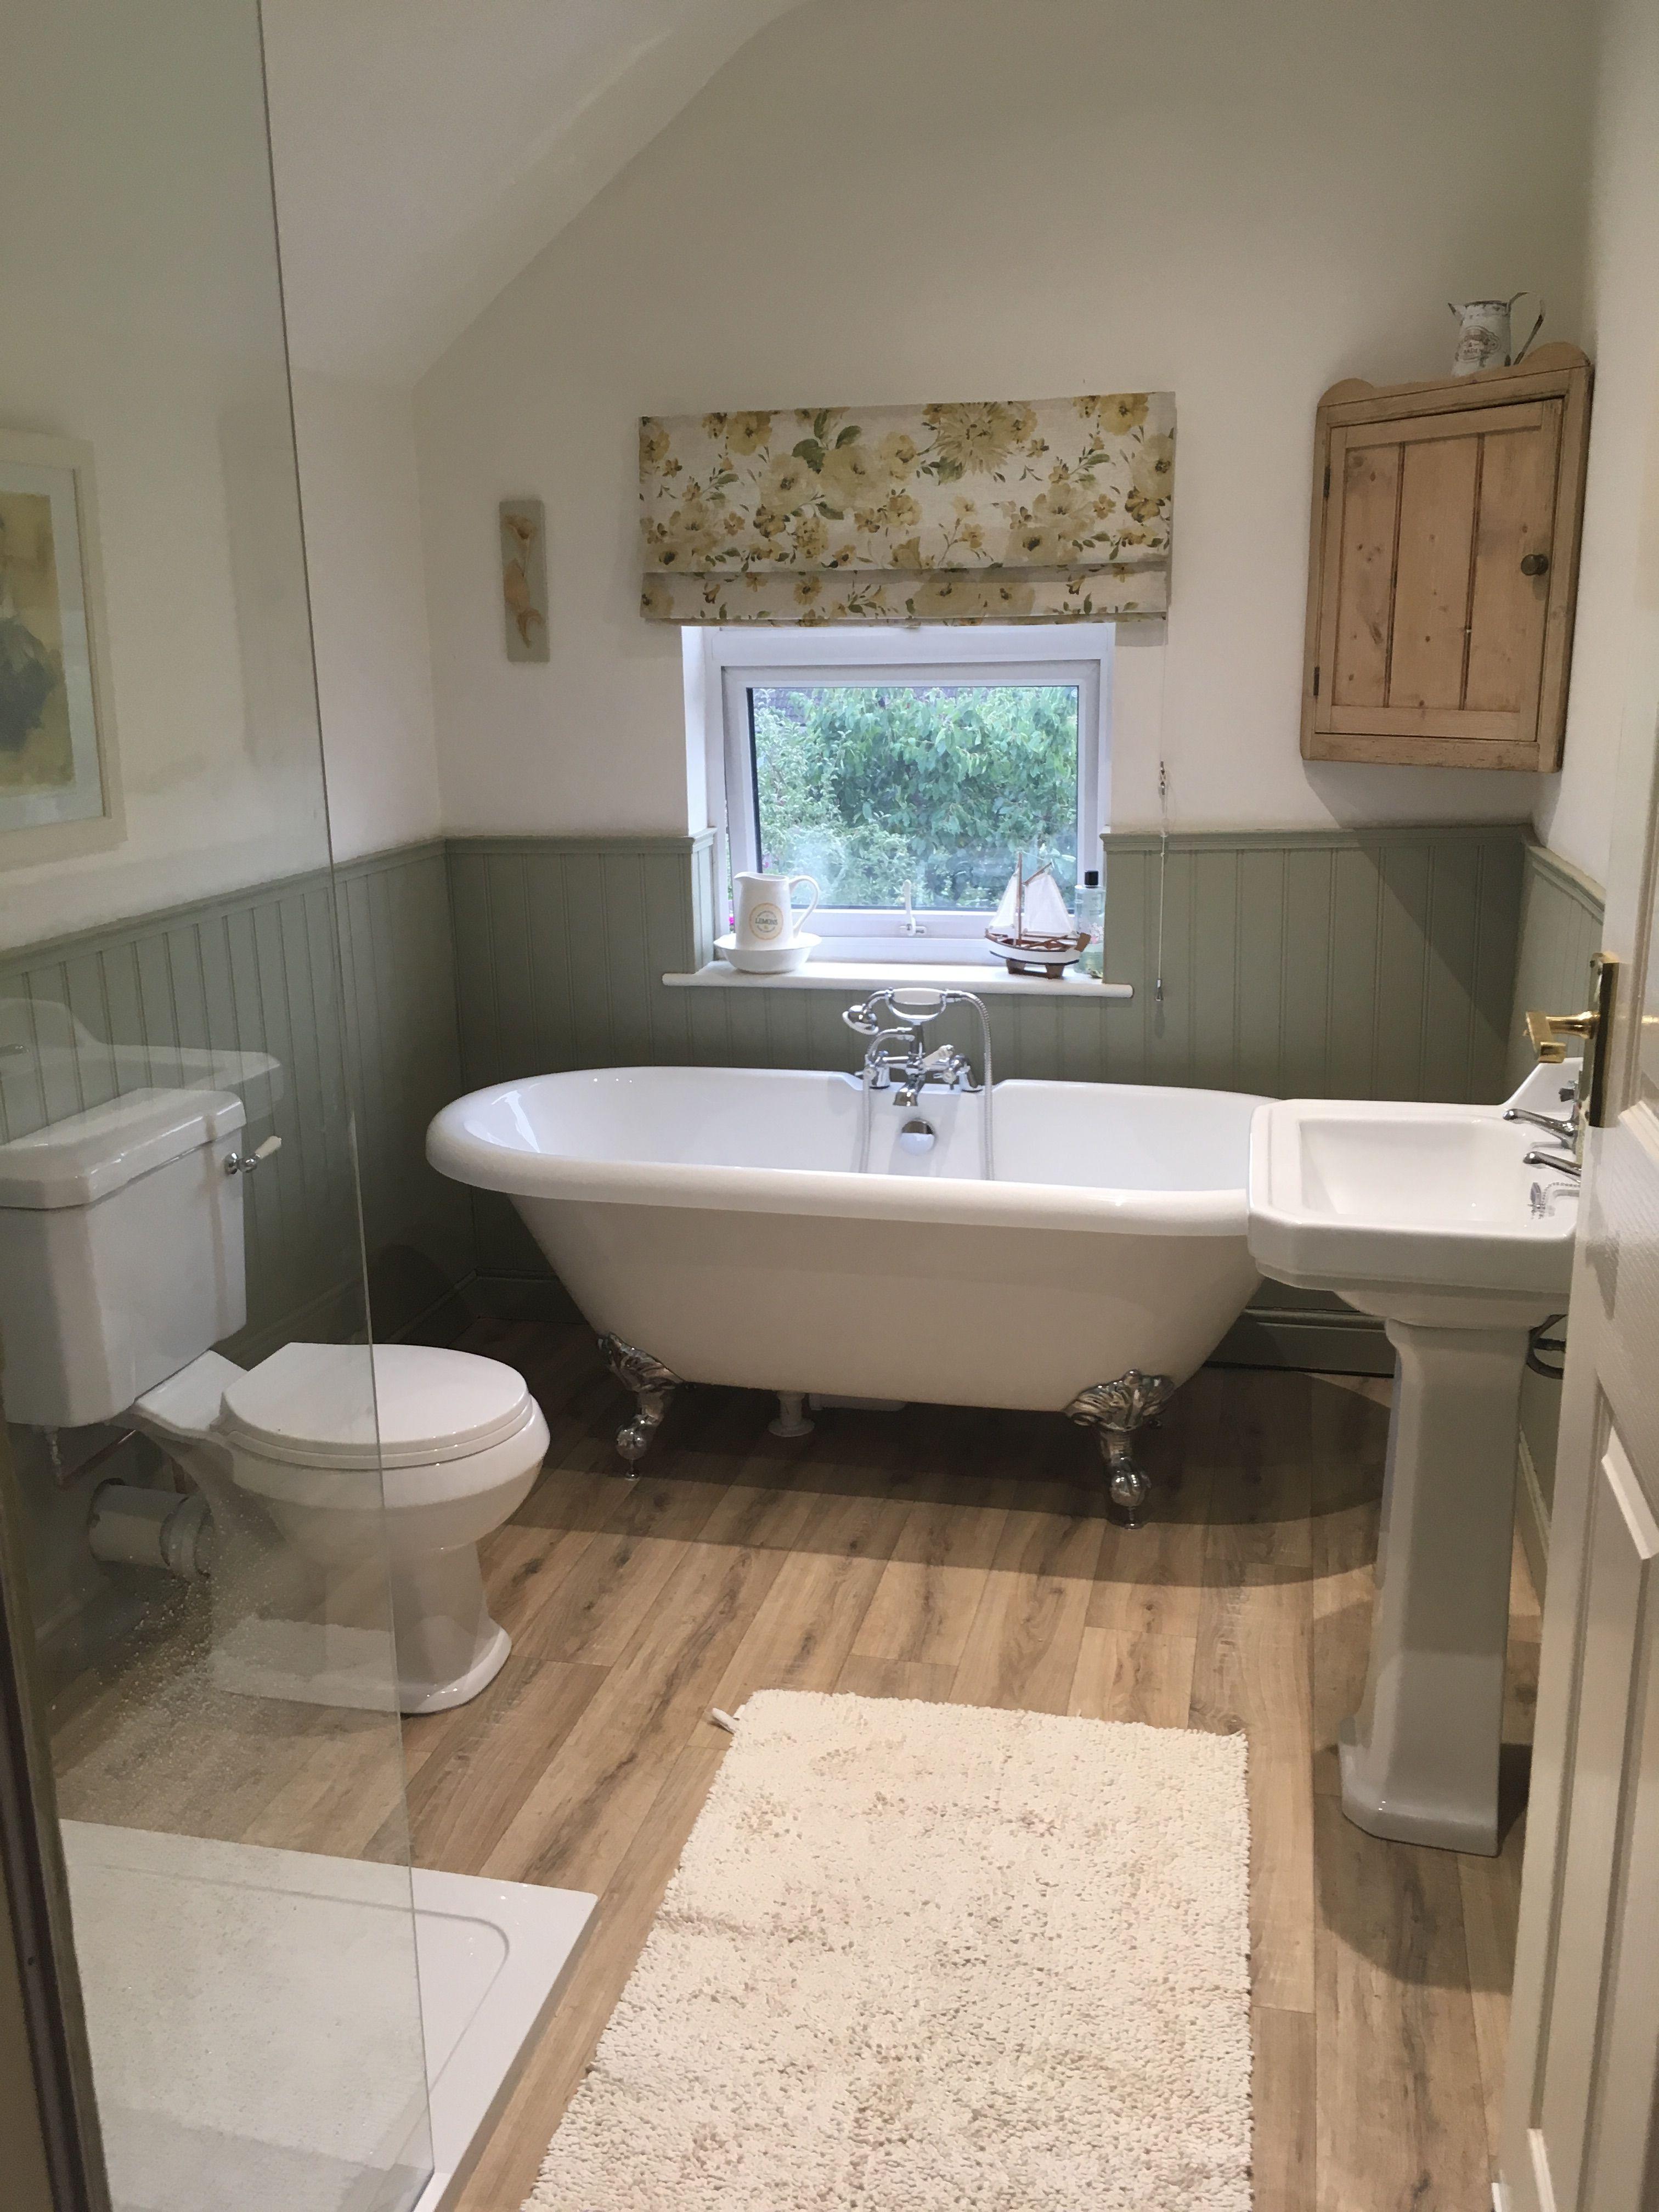 Cottage Bathroom Traditional Bathroom Bathroom Interior Design Bathroom Interior